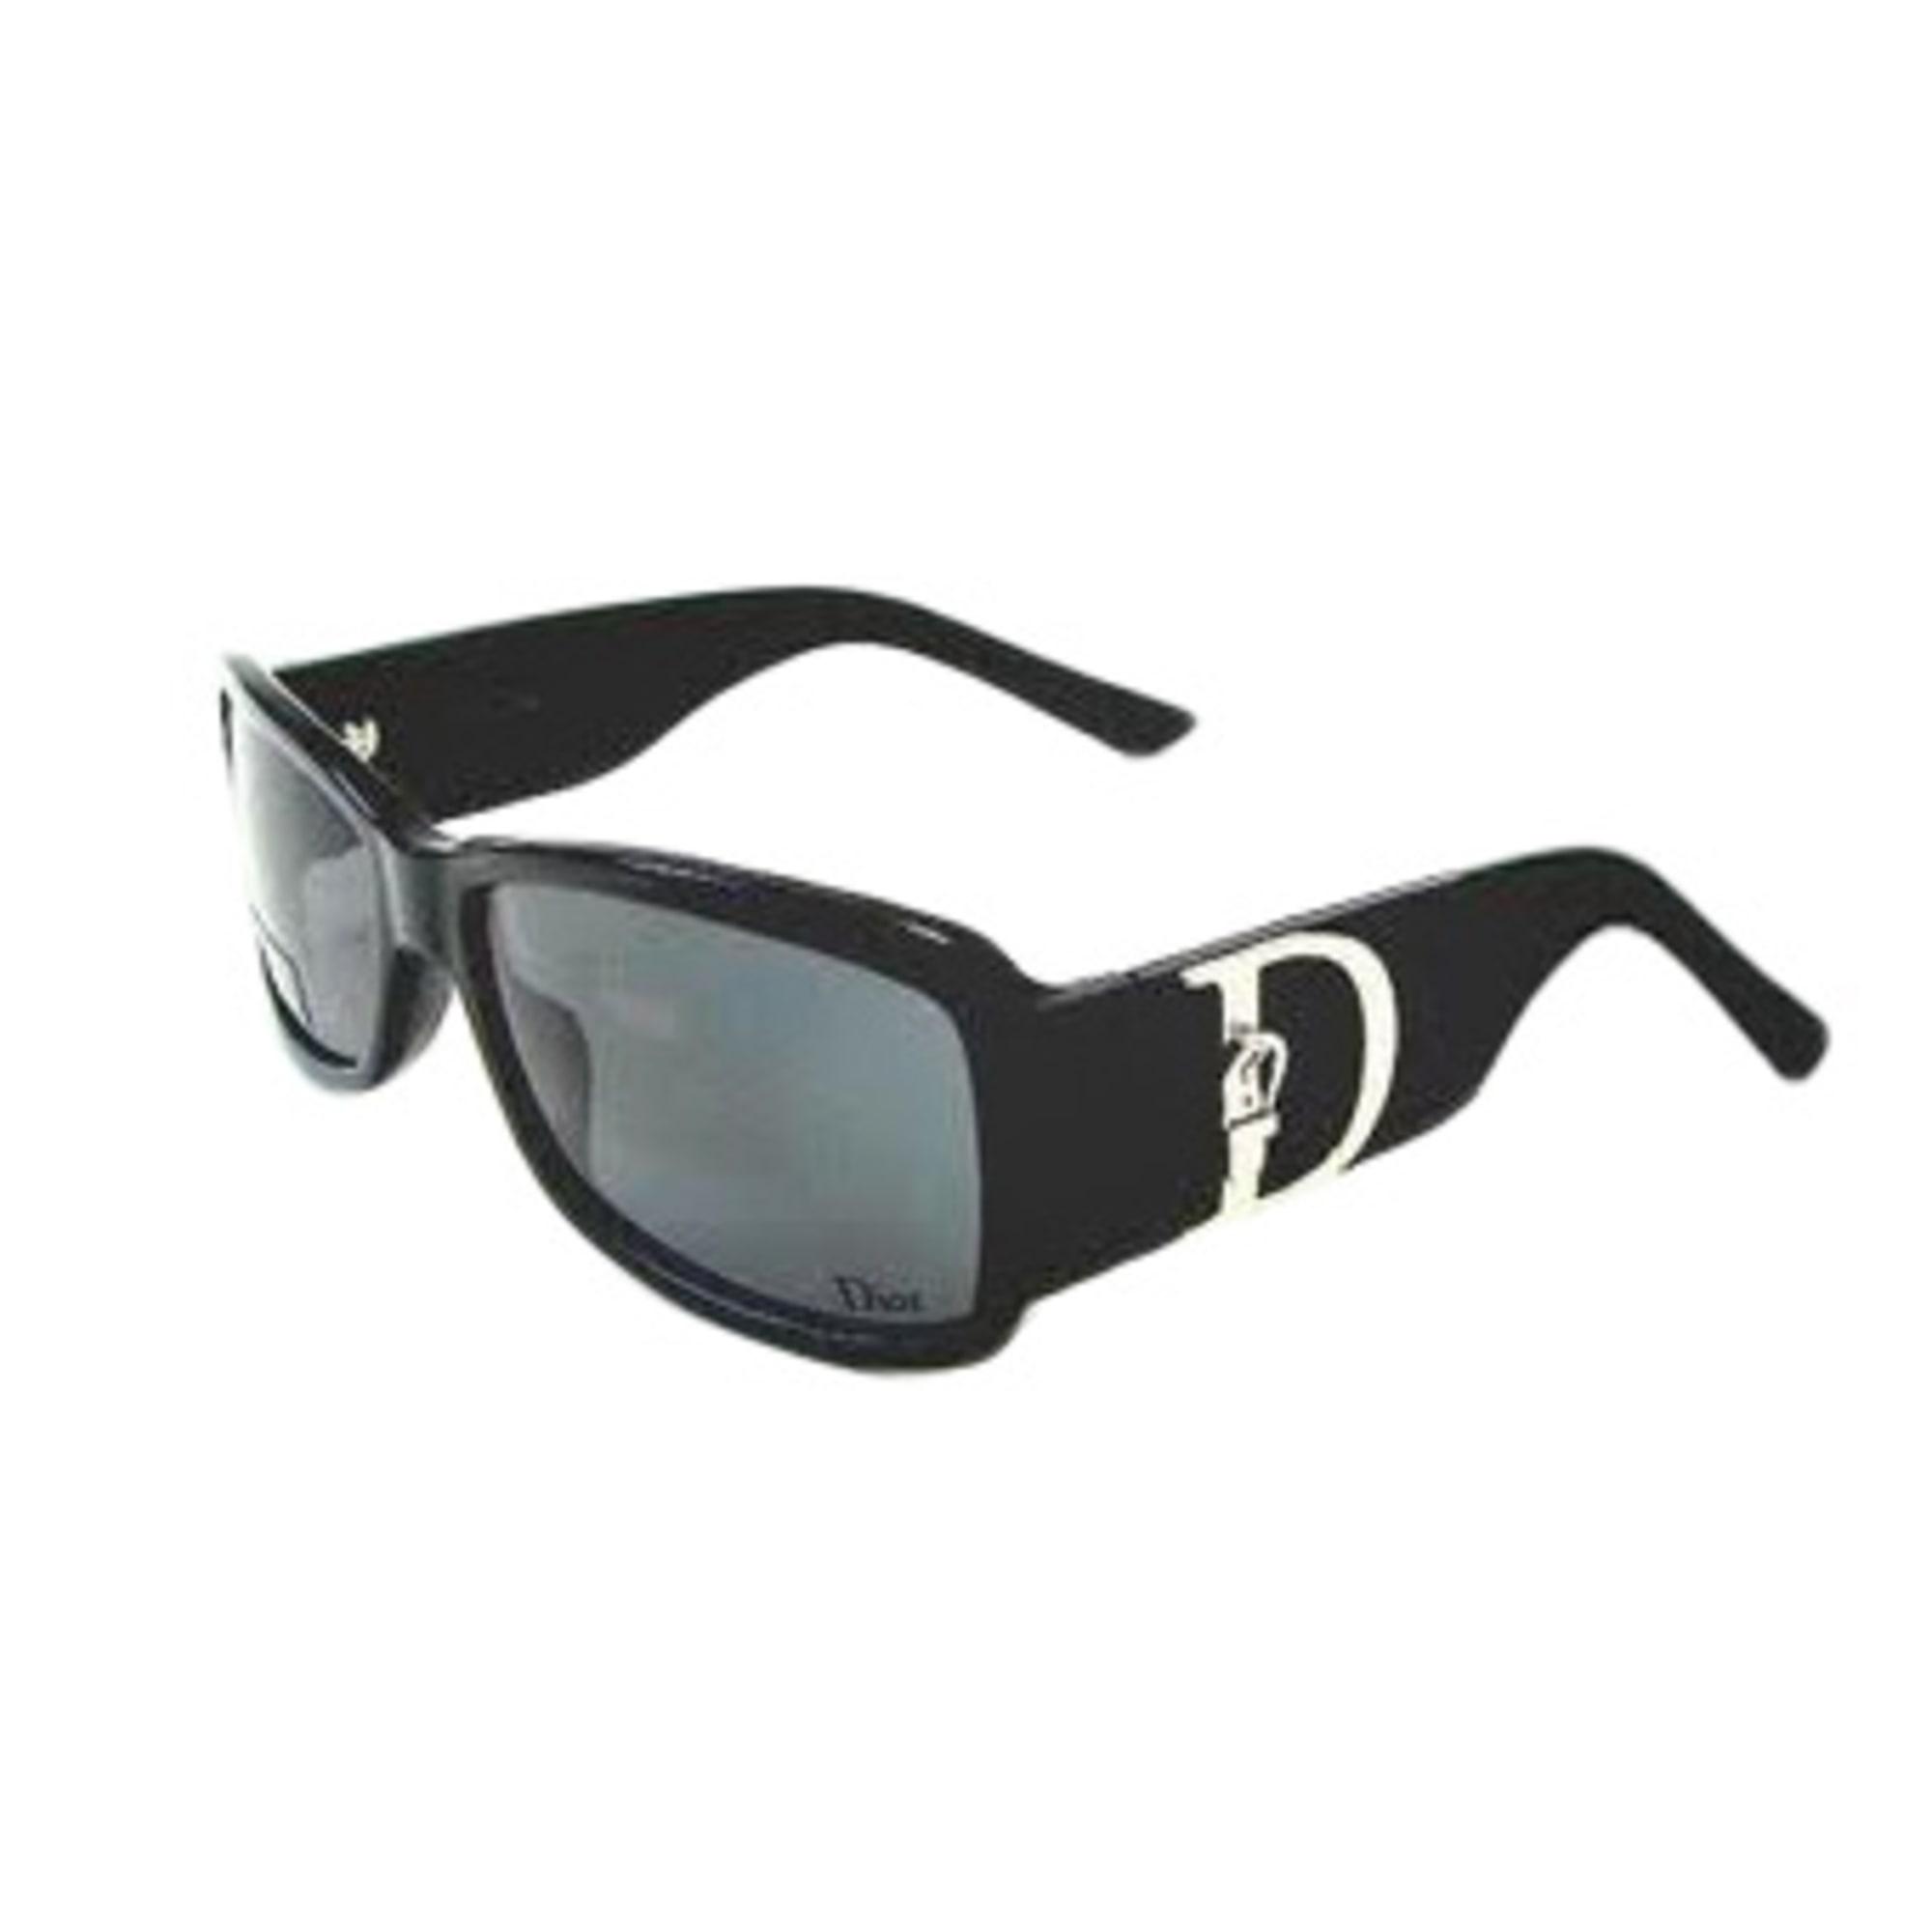 384d5a768389de Lunettes de soleil DIOR noir vendu par Shopname185943 - 1689907